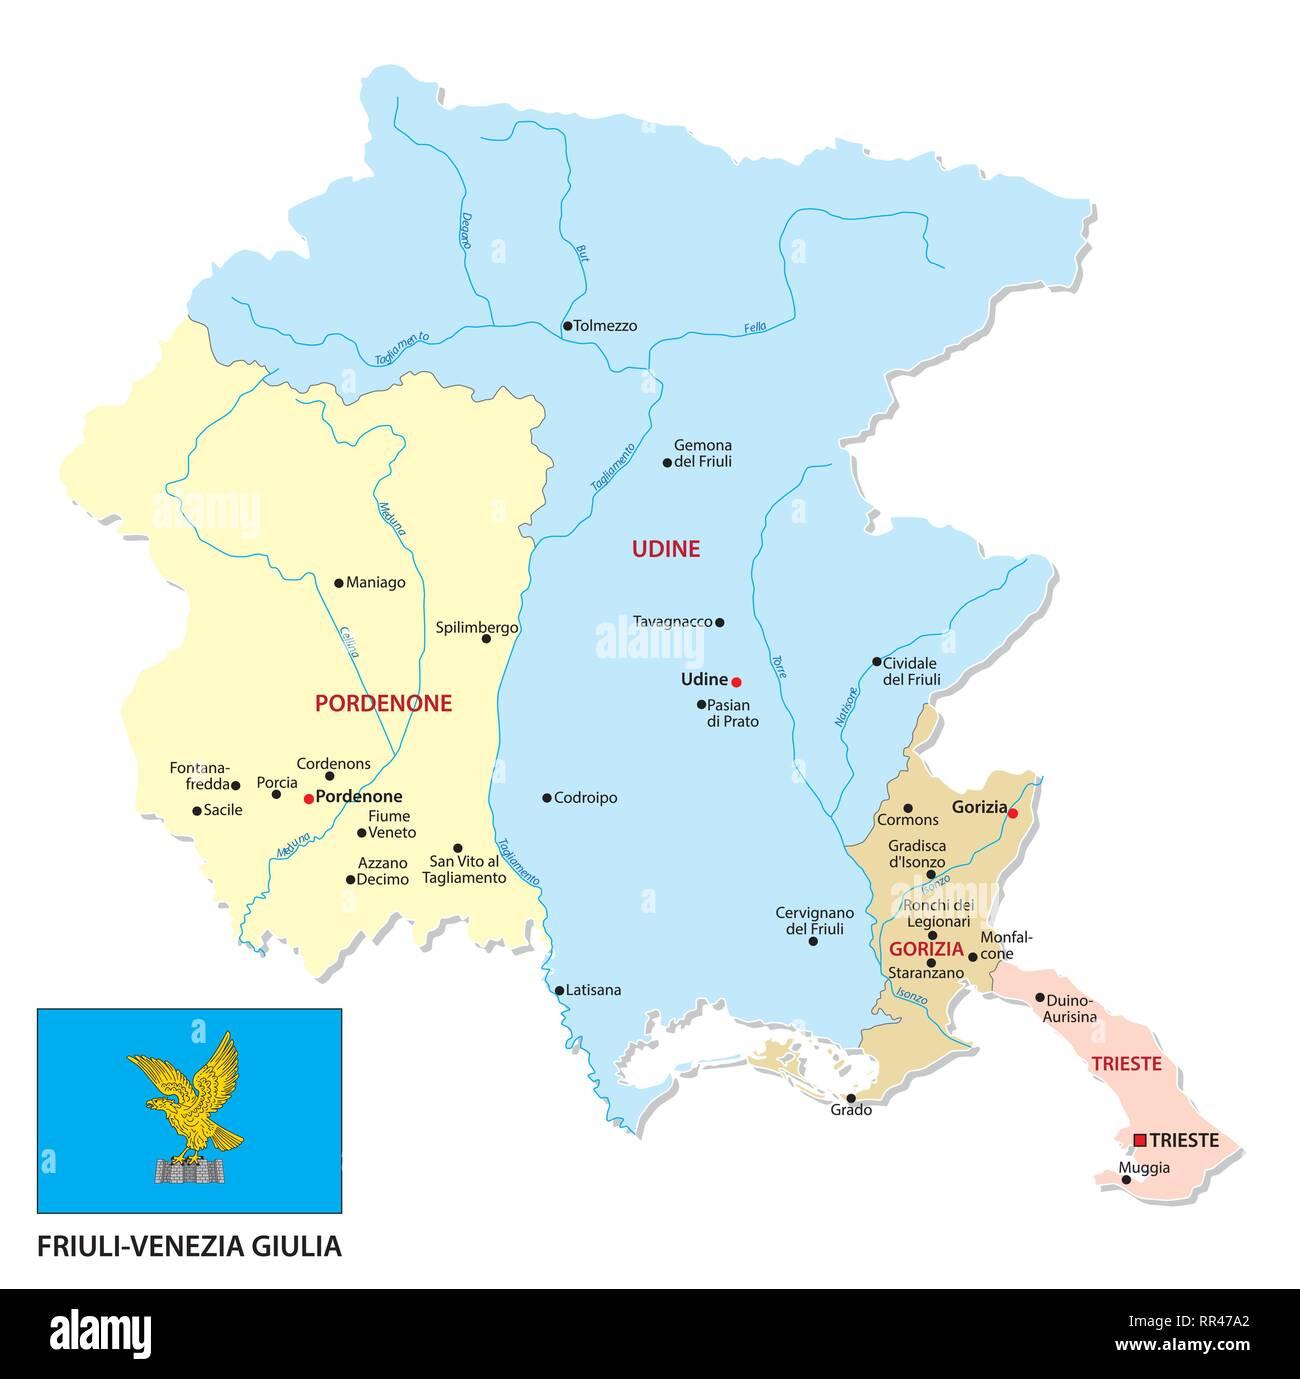 friuli venezia giulia administrative and political map with flag - Stock Image